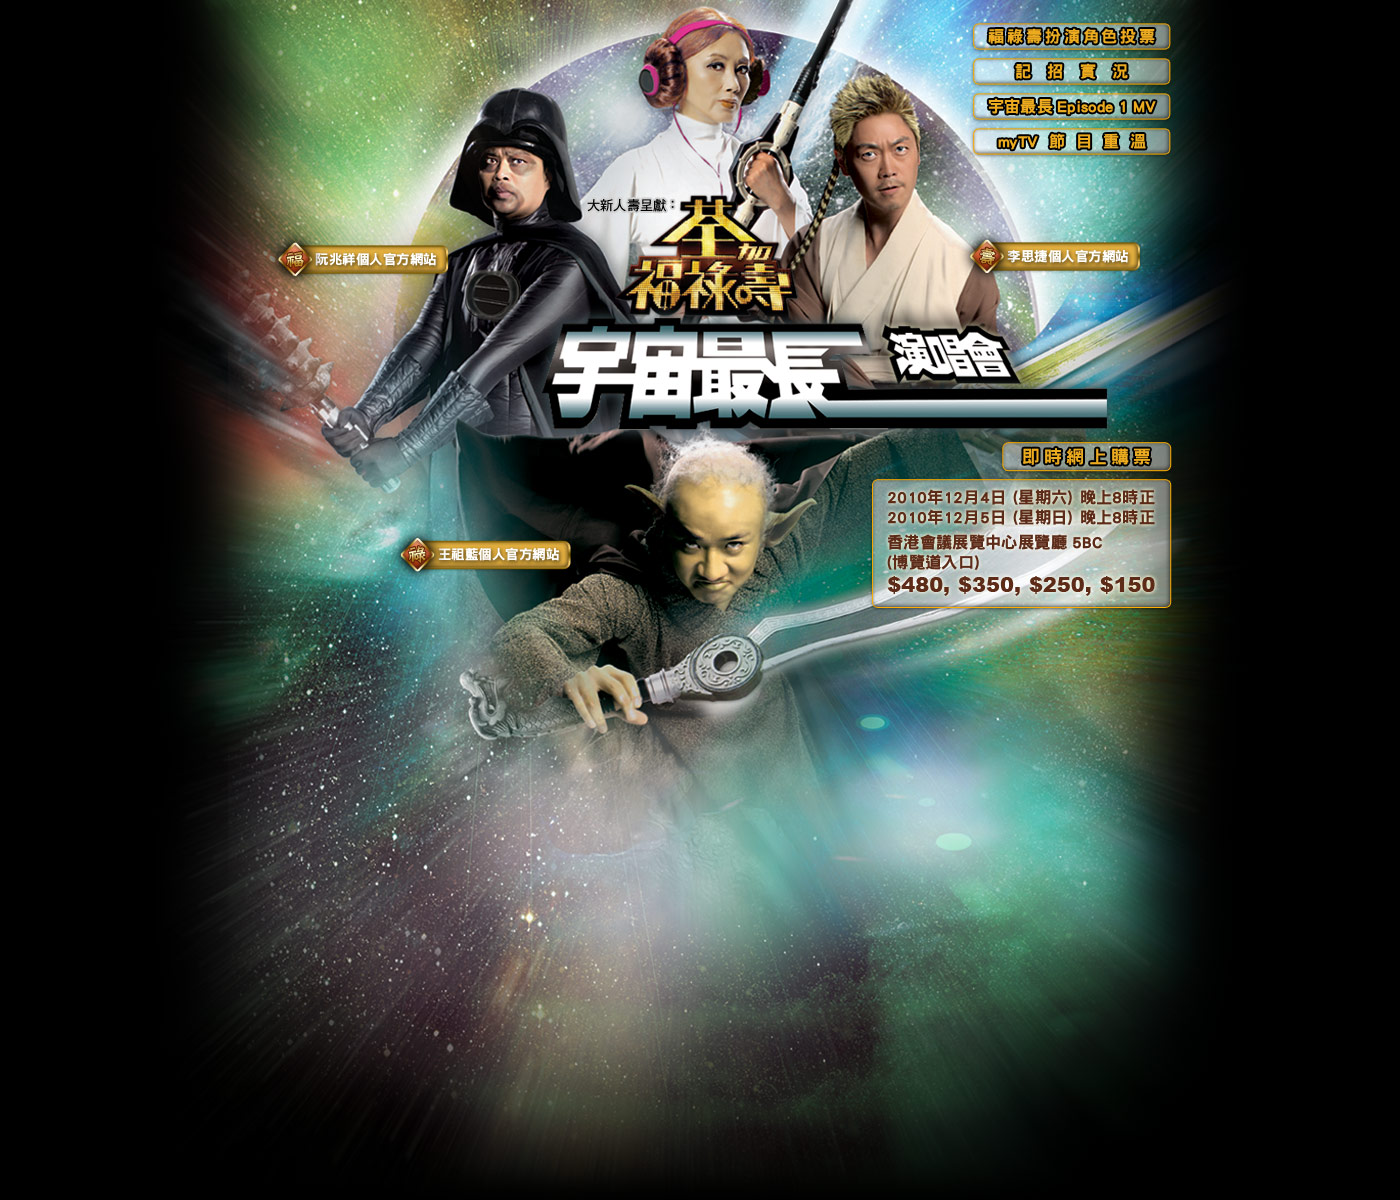 FuH-y o.o Drama(電視): Liz And Gods Heaven's Not Enough Concert - 荃加福祿壽宇宙最長演唱會